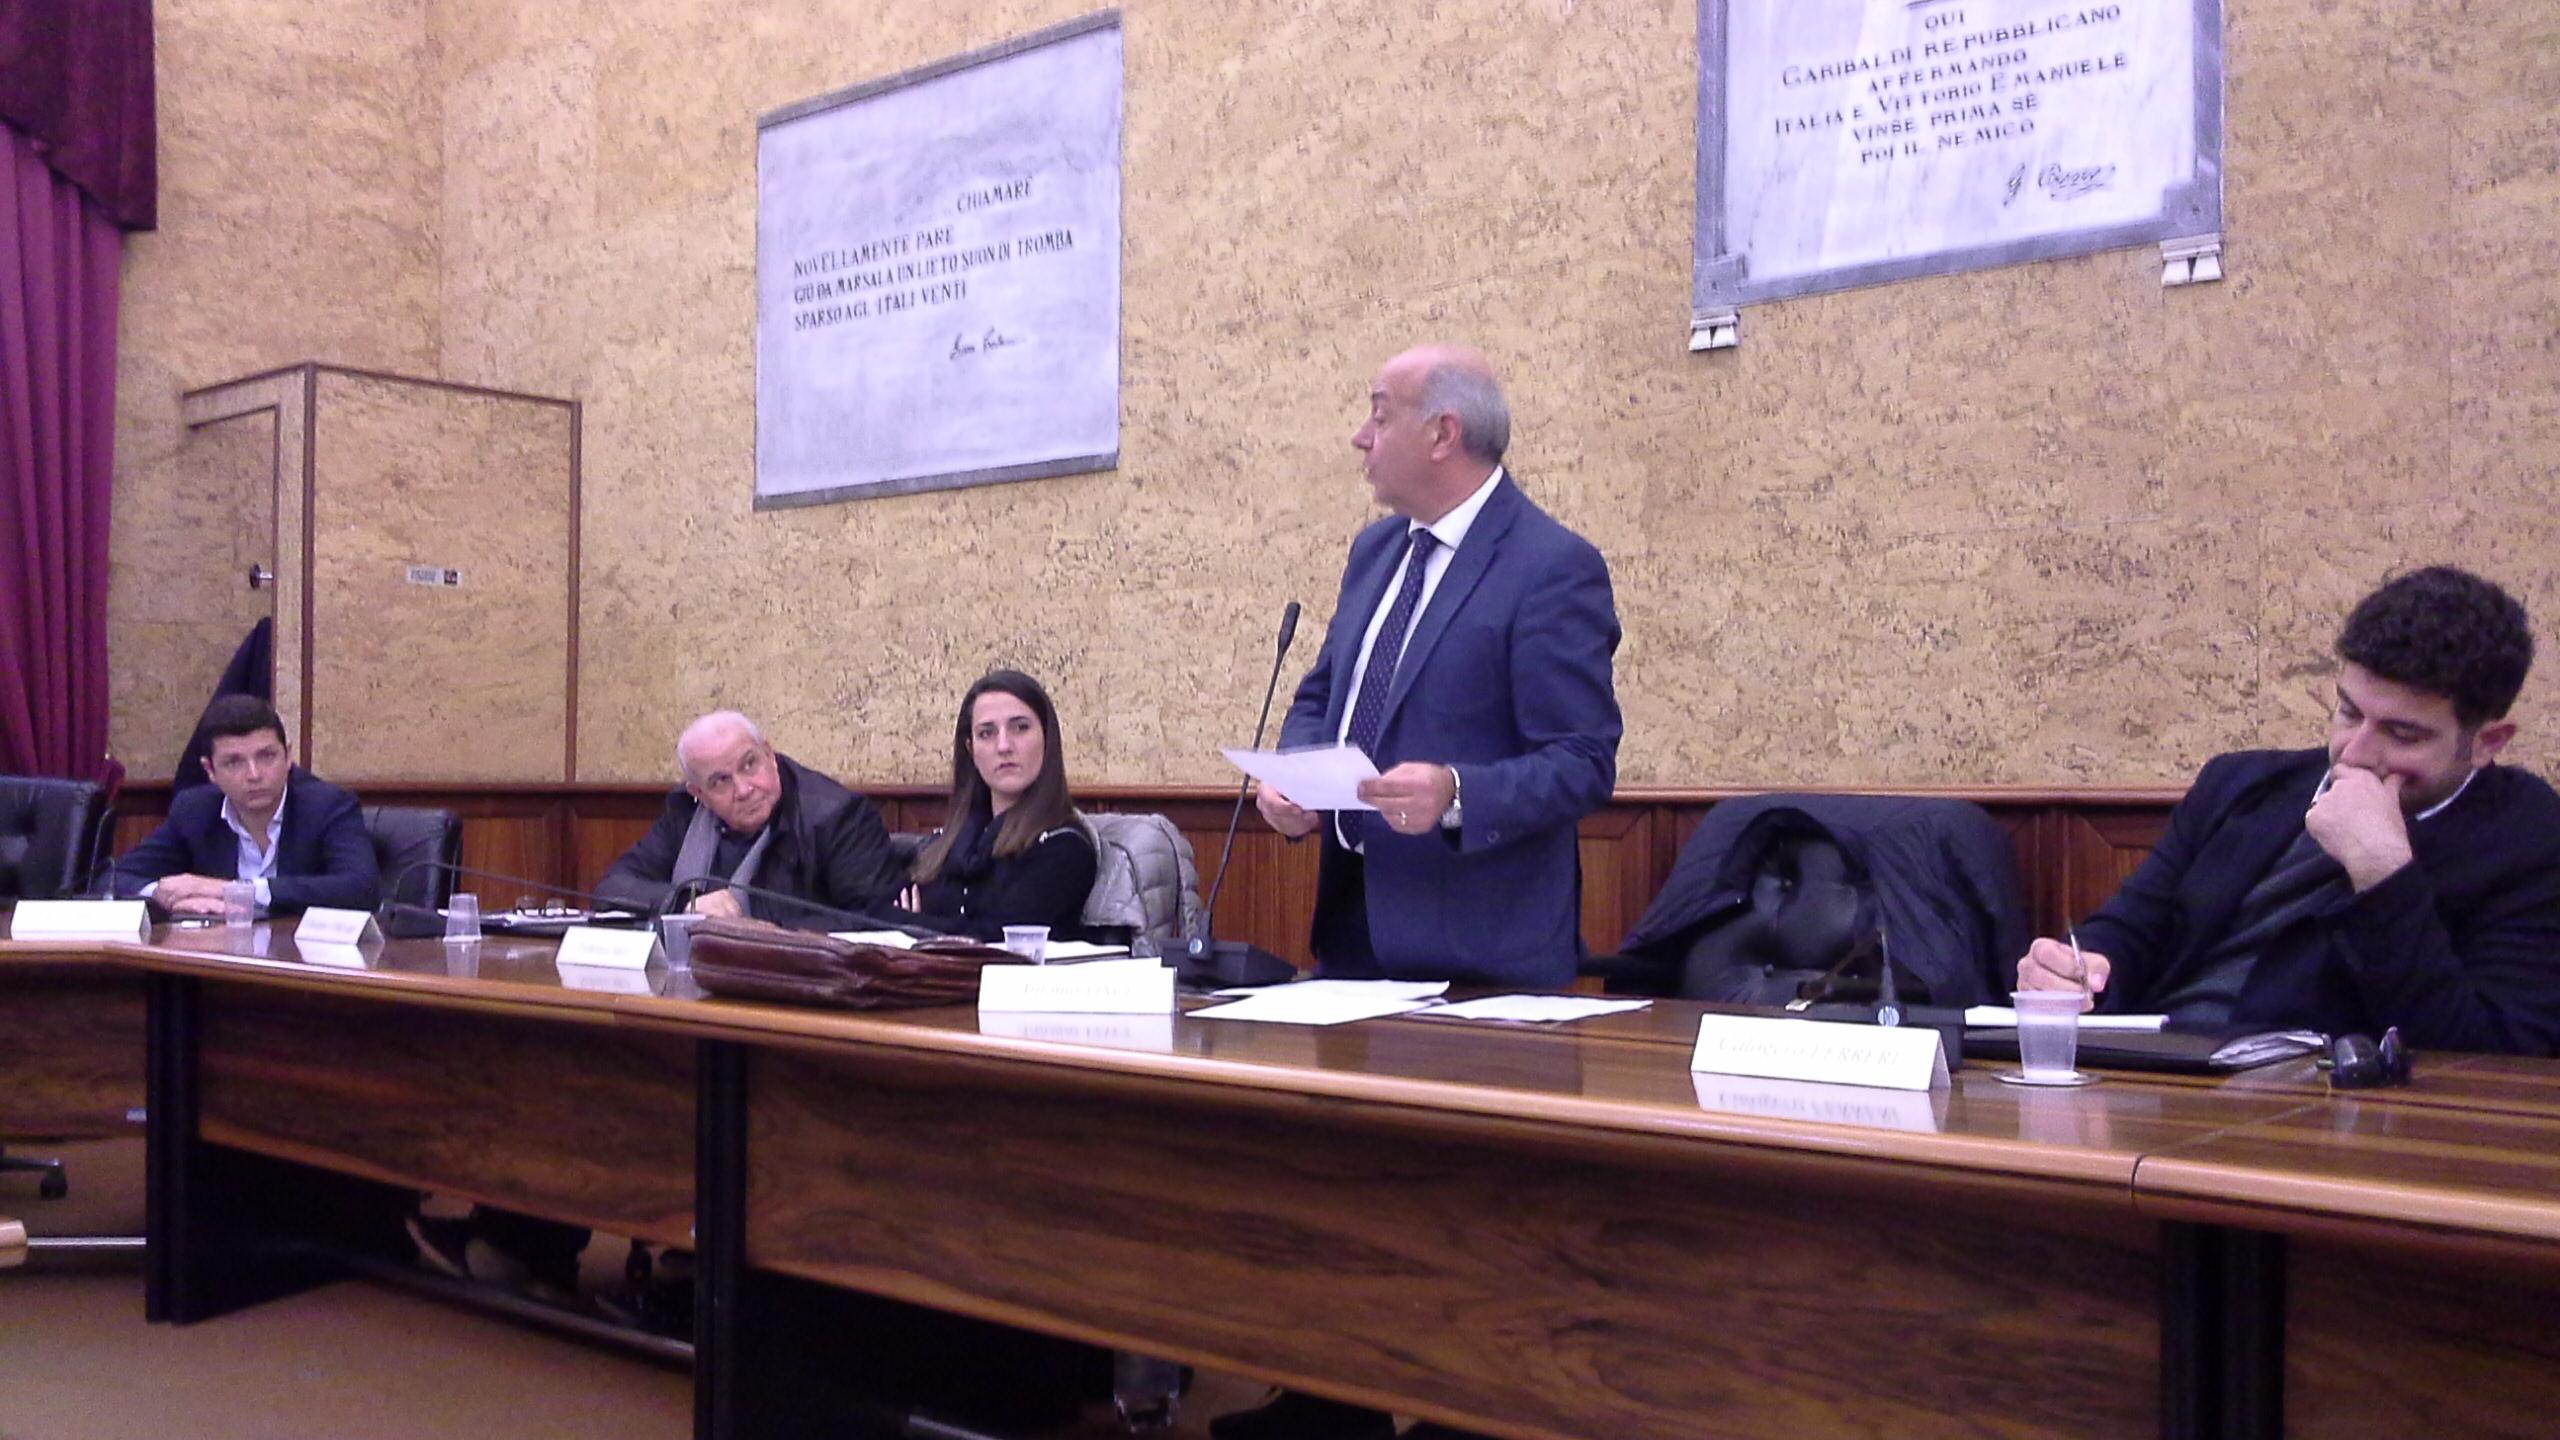 Consiglio comunale di Marsala. I consiglieri Vinci e Di Girolamo si autosospendono dal Gruppo PD